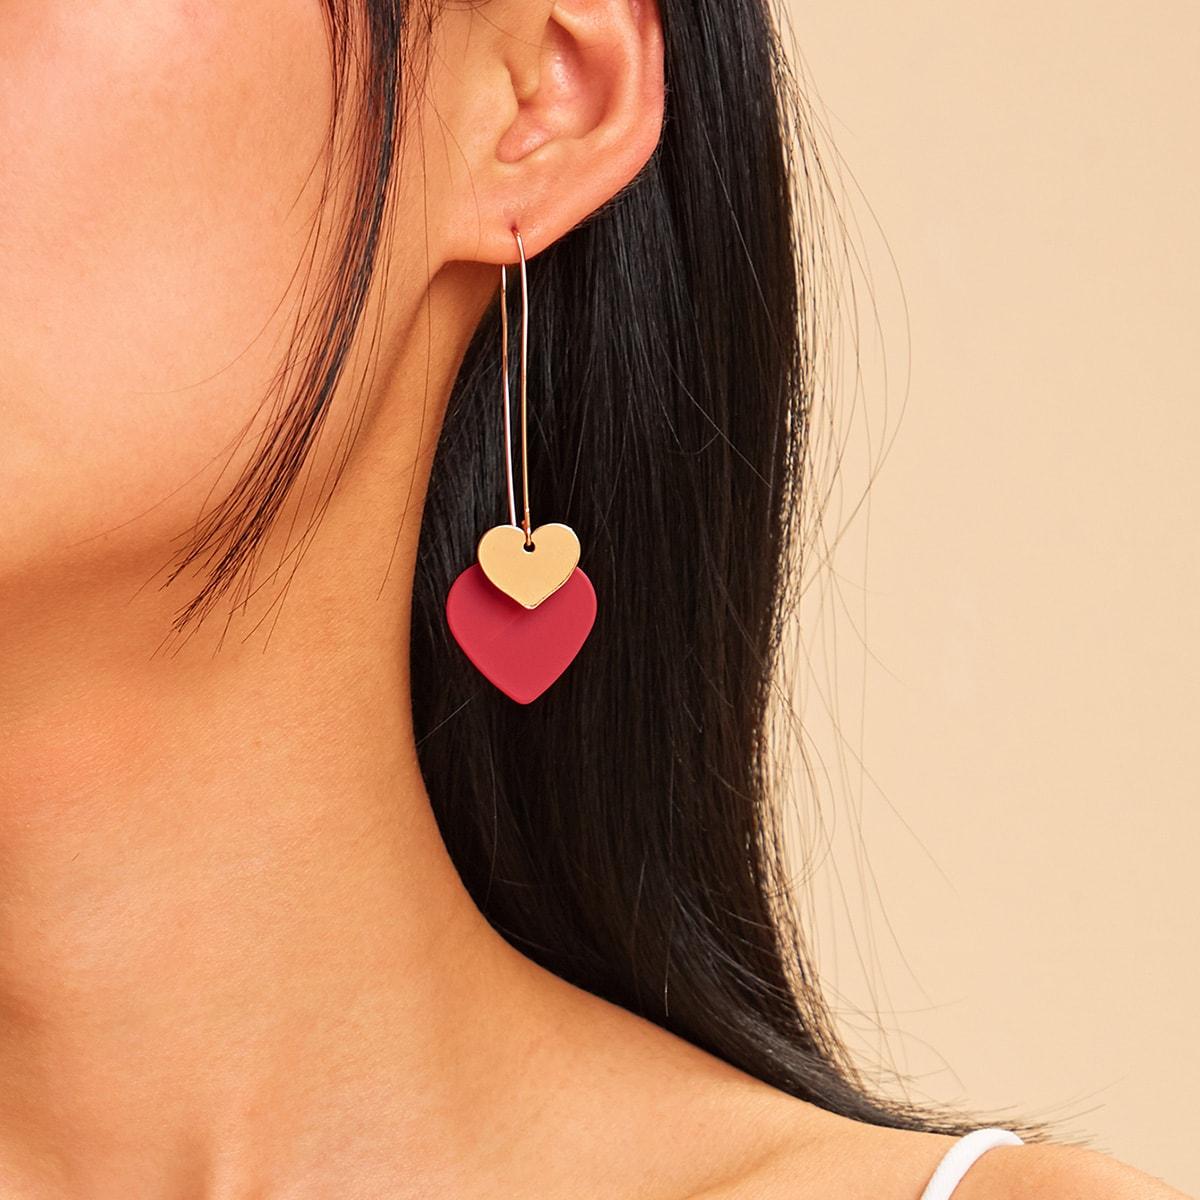 Серьги-подвески в форме двойного сердца 1 пара